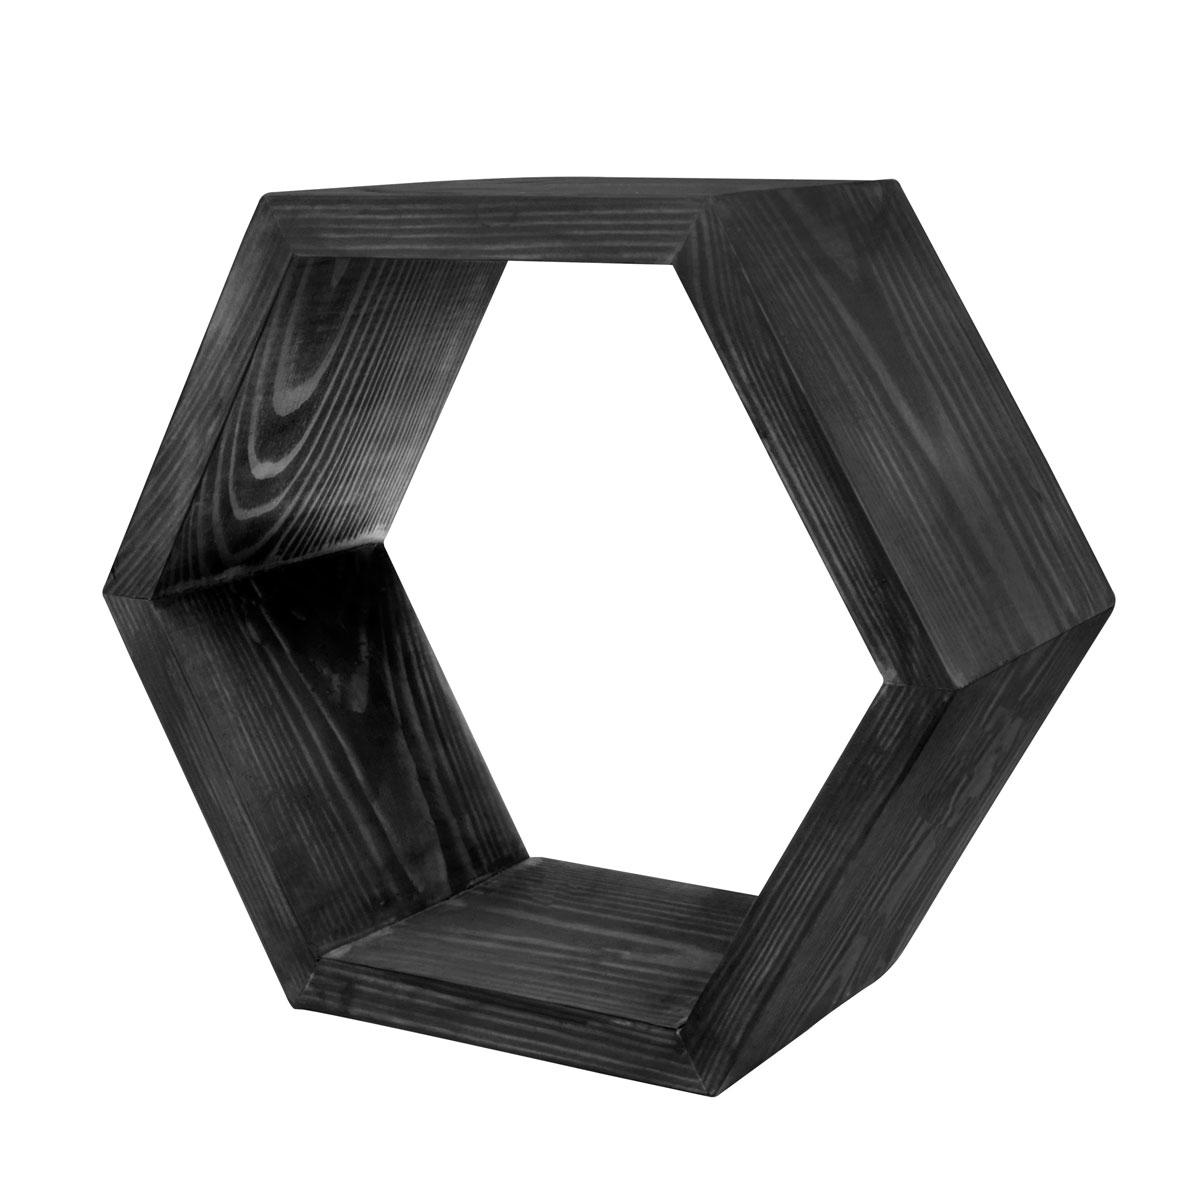 Декоративная полка EcoWoo 40 см, цвет: черныйCM000001327Оригинальные деревянные полки шестигранники. Отличное решение для декорирования комнаты. Несколько полок можно складывать в причудливые сочетания, ограниченные только вашей фантазией. Любой цвет и размер. Станьте креативными дизайнерами своего жилого пространства!